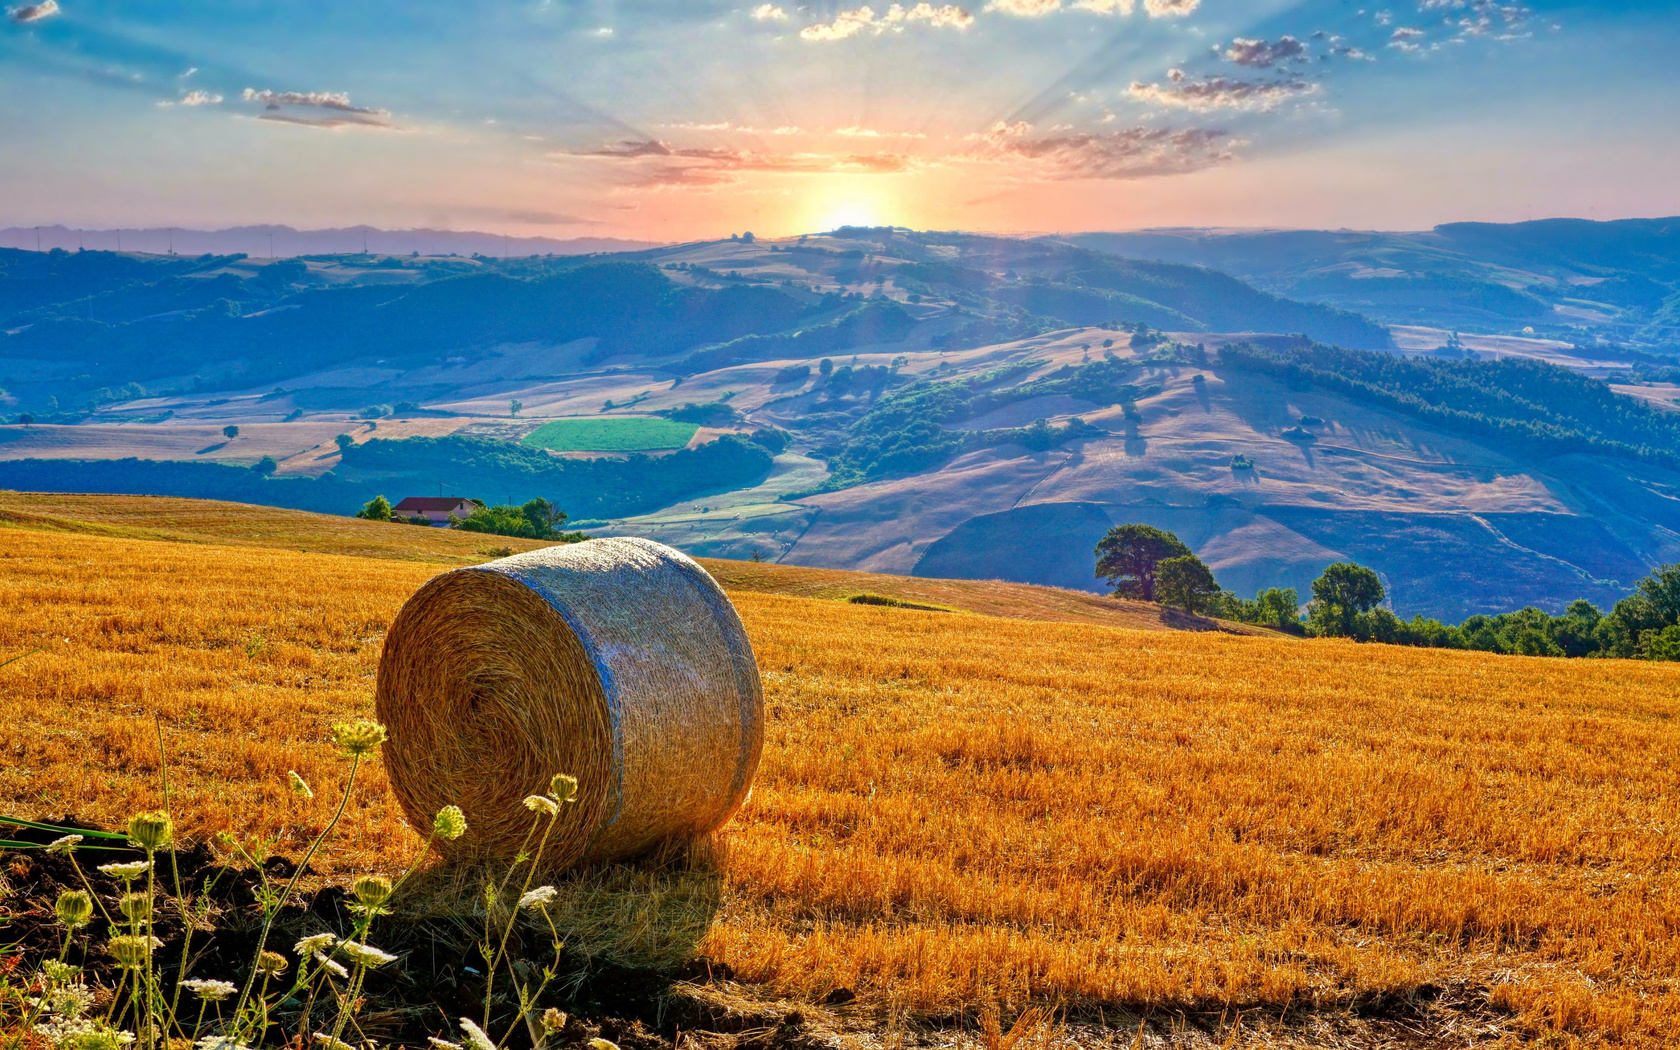 италия, поля, пейзаж, рассвет, закат, campania, солома, природа